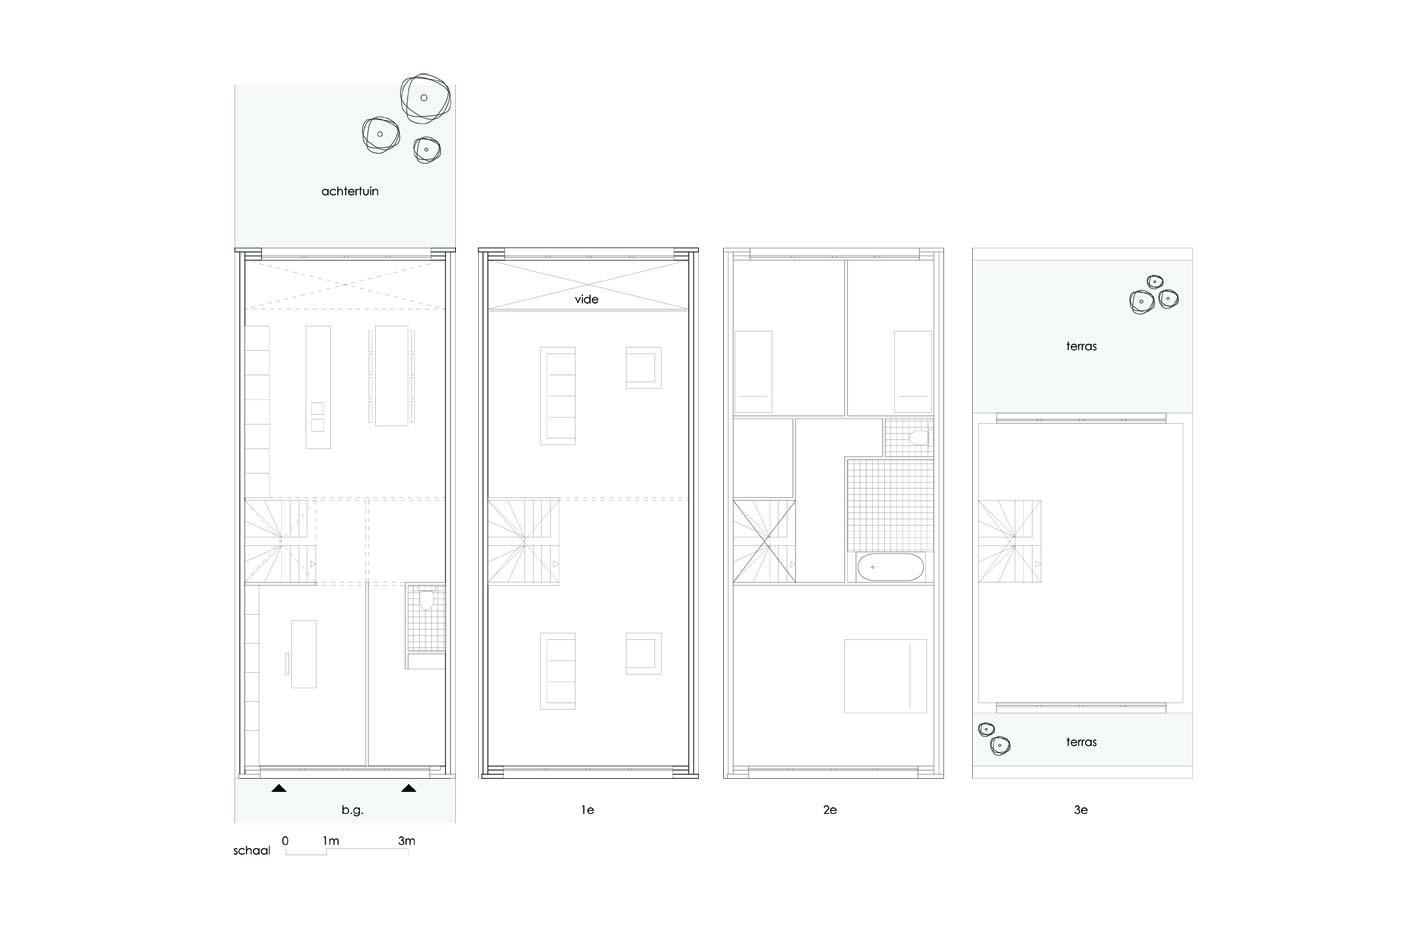 Zeeburgereiland PO zelfbouw kavel atelier PUUUR grondgebonden woning plattegrond